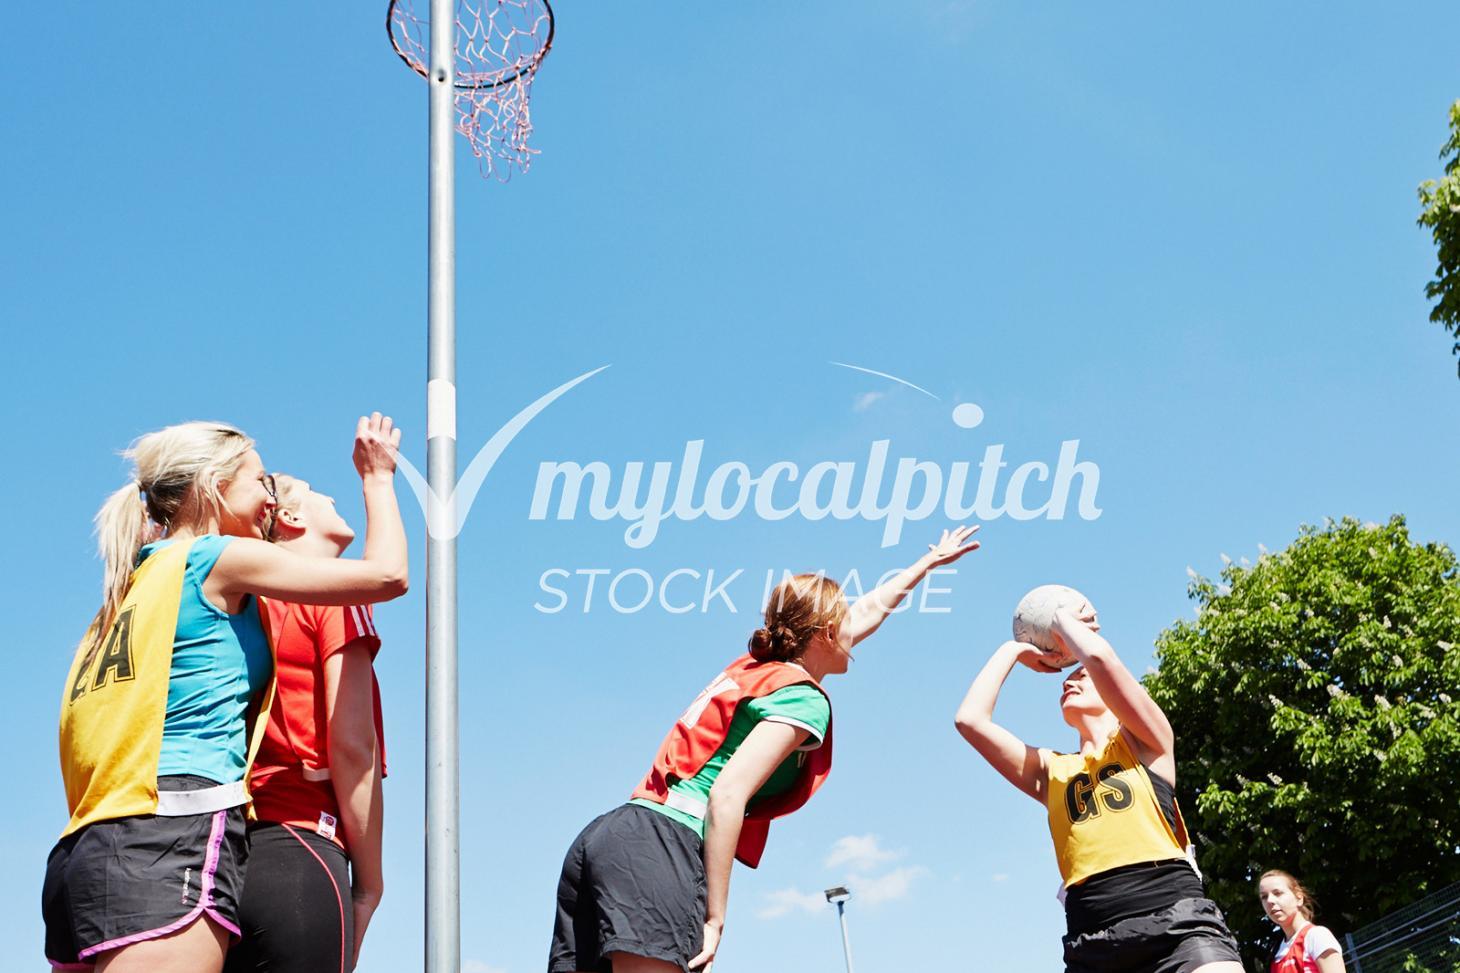 Langley Park Sports Centre Outdoor   Hard (macadam) netball court